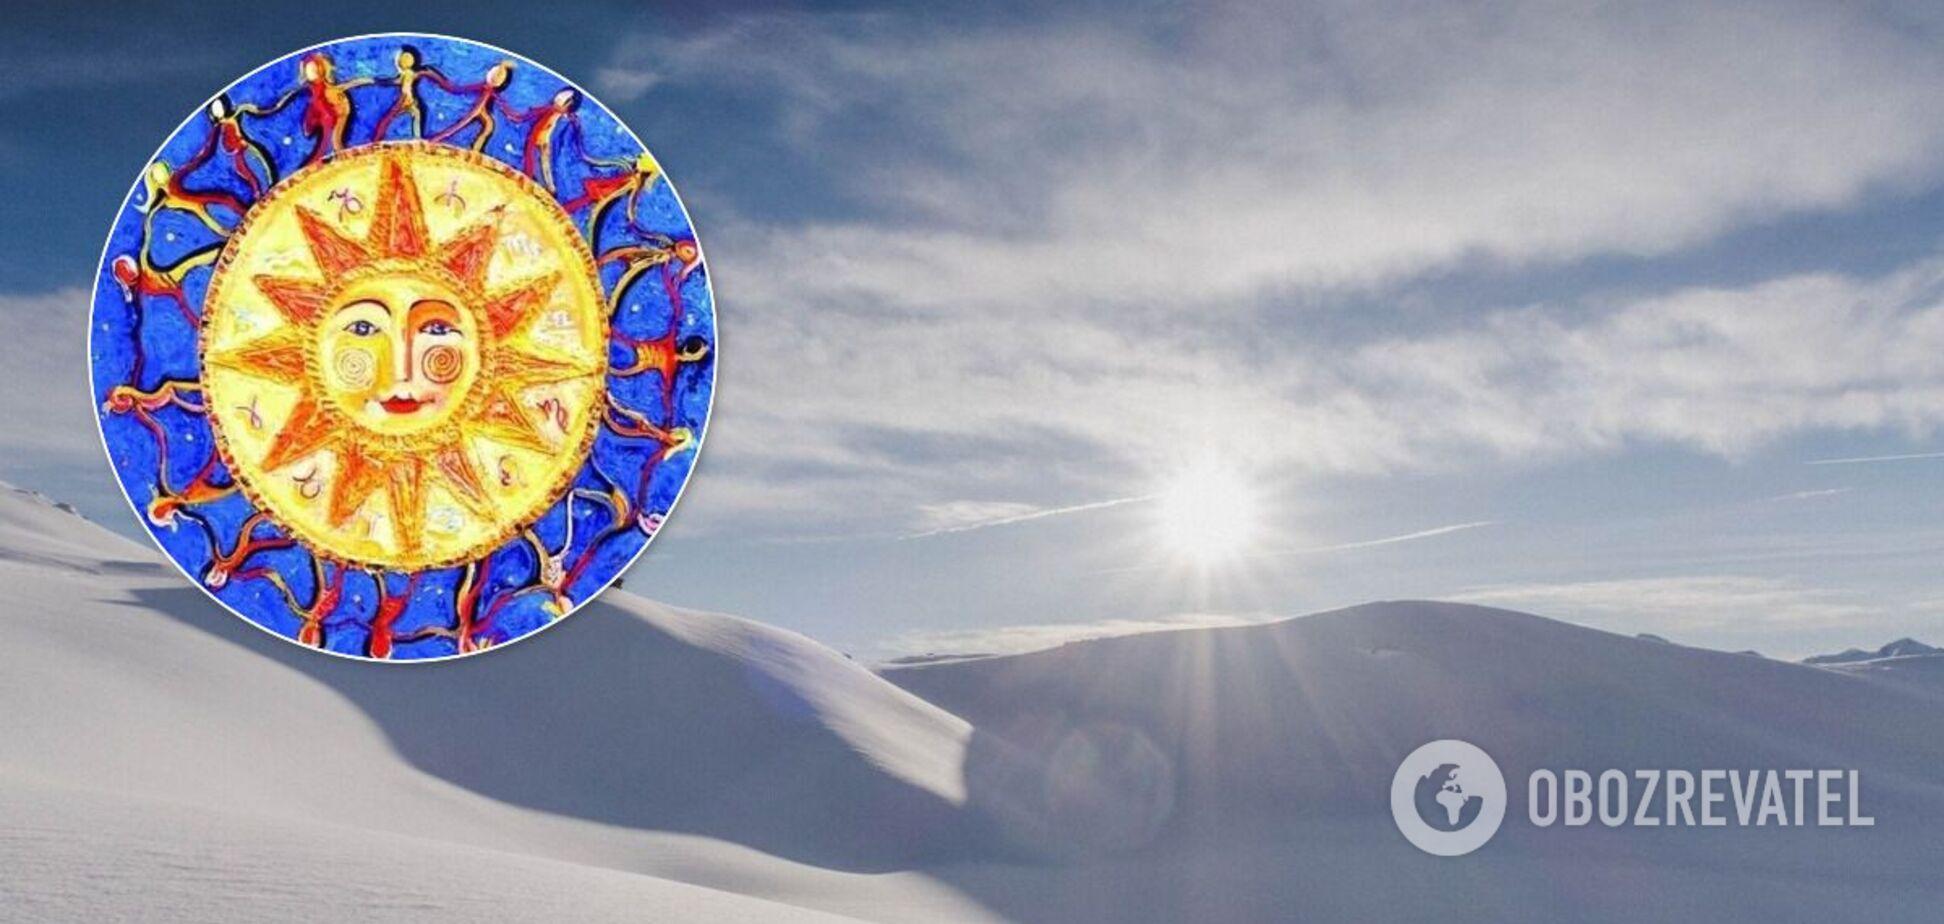 День зимового сонцестояння 2020 року припадає на 21 грудня